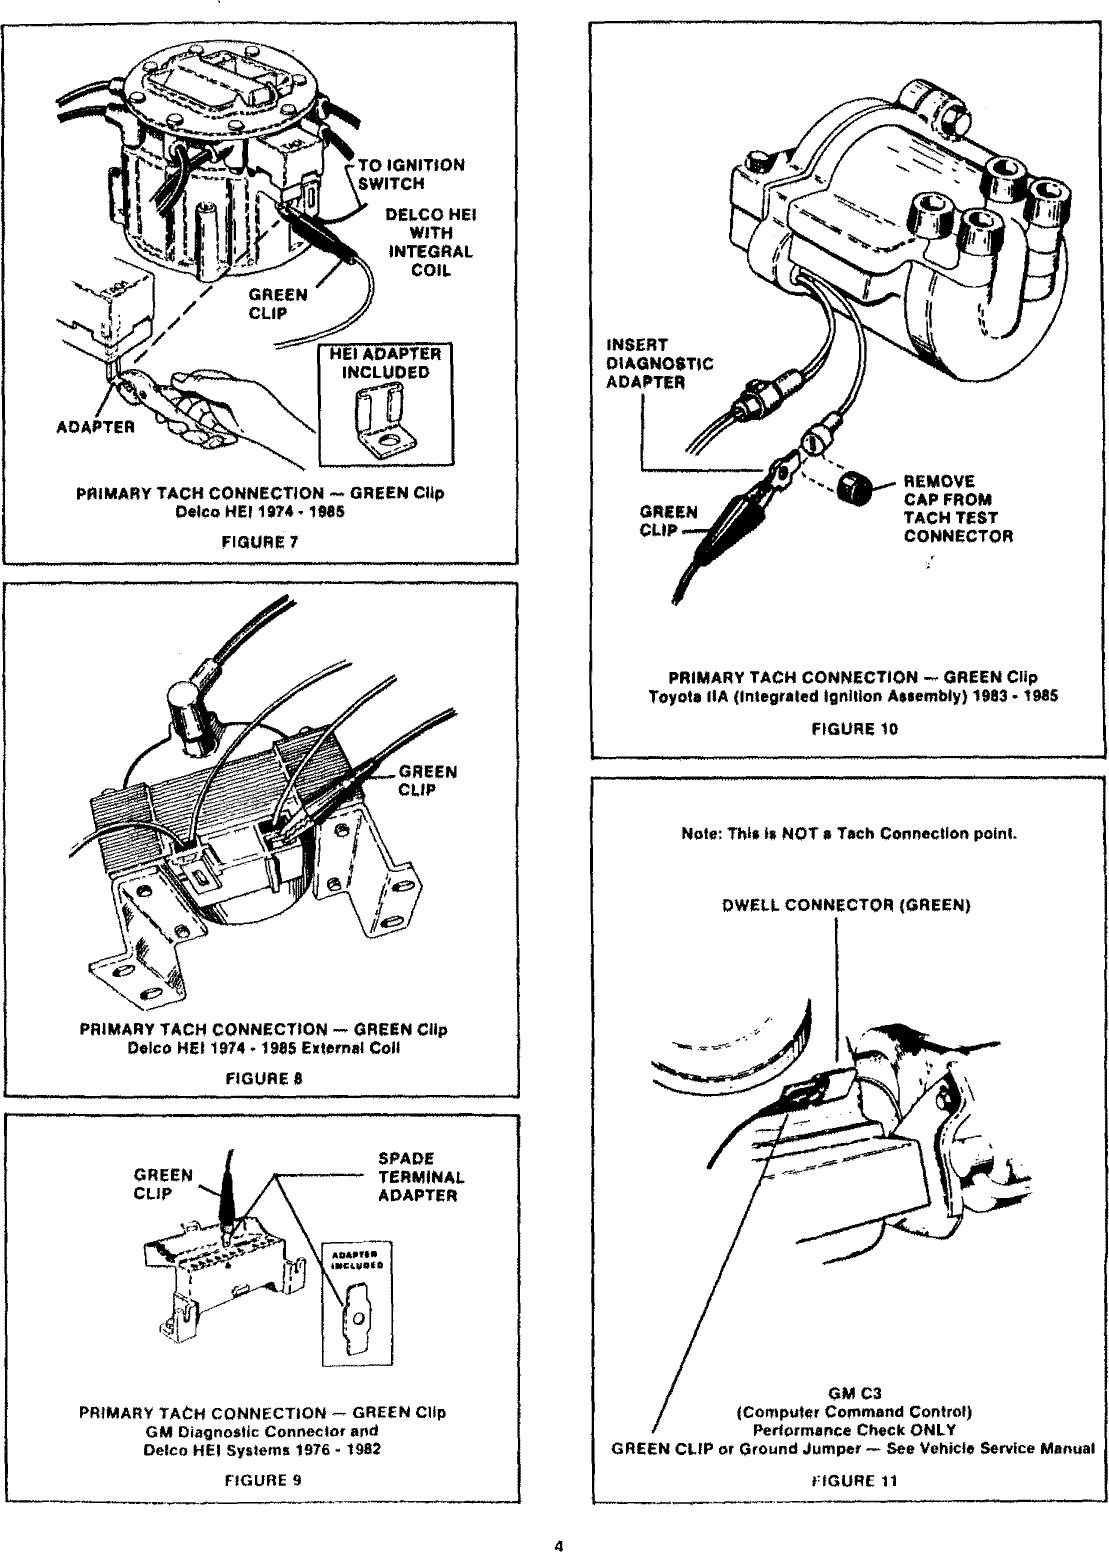 Craftsman 161216300 User Manual Engine Analyzer Manuals